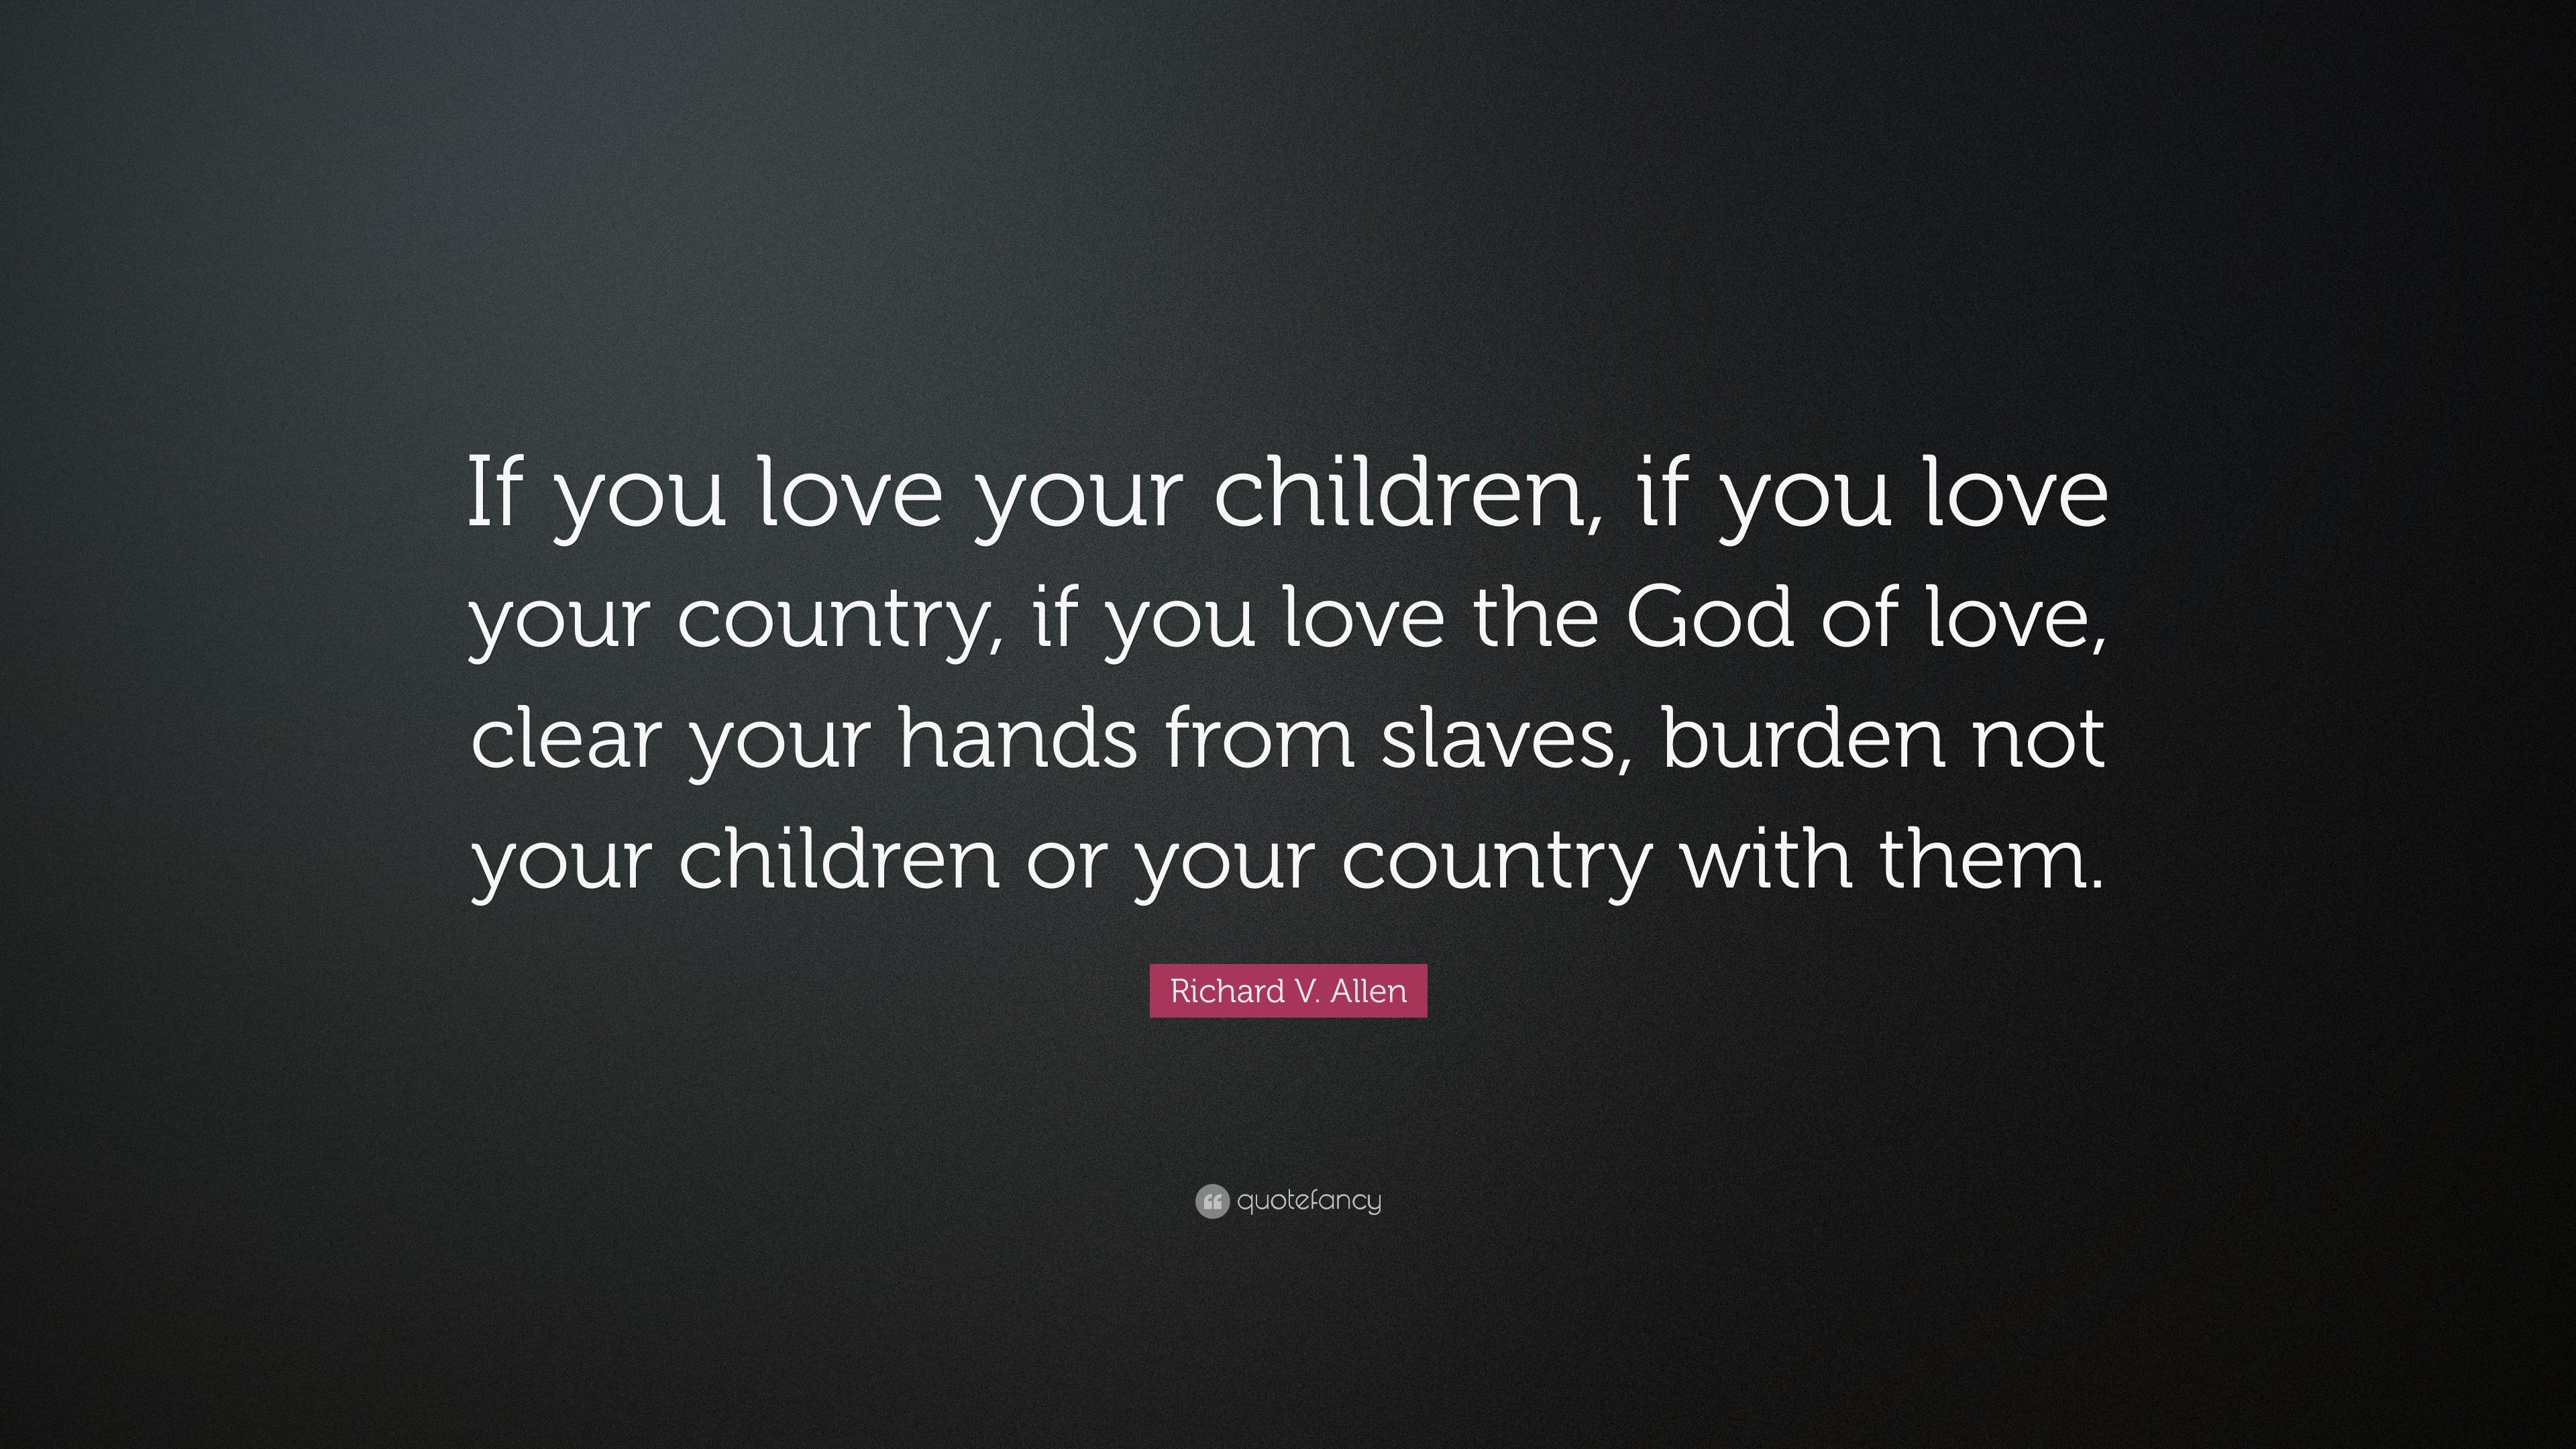 Love Your Children Quotes Richard Vallen Quotes 19 Wallpapers  Quotefancy